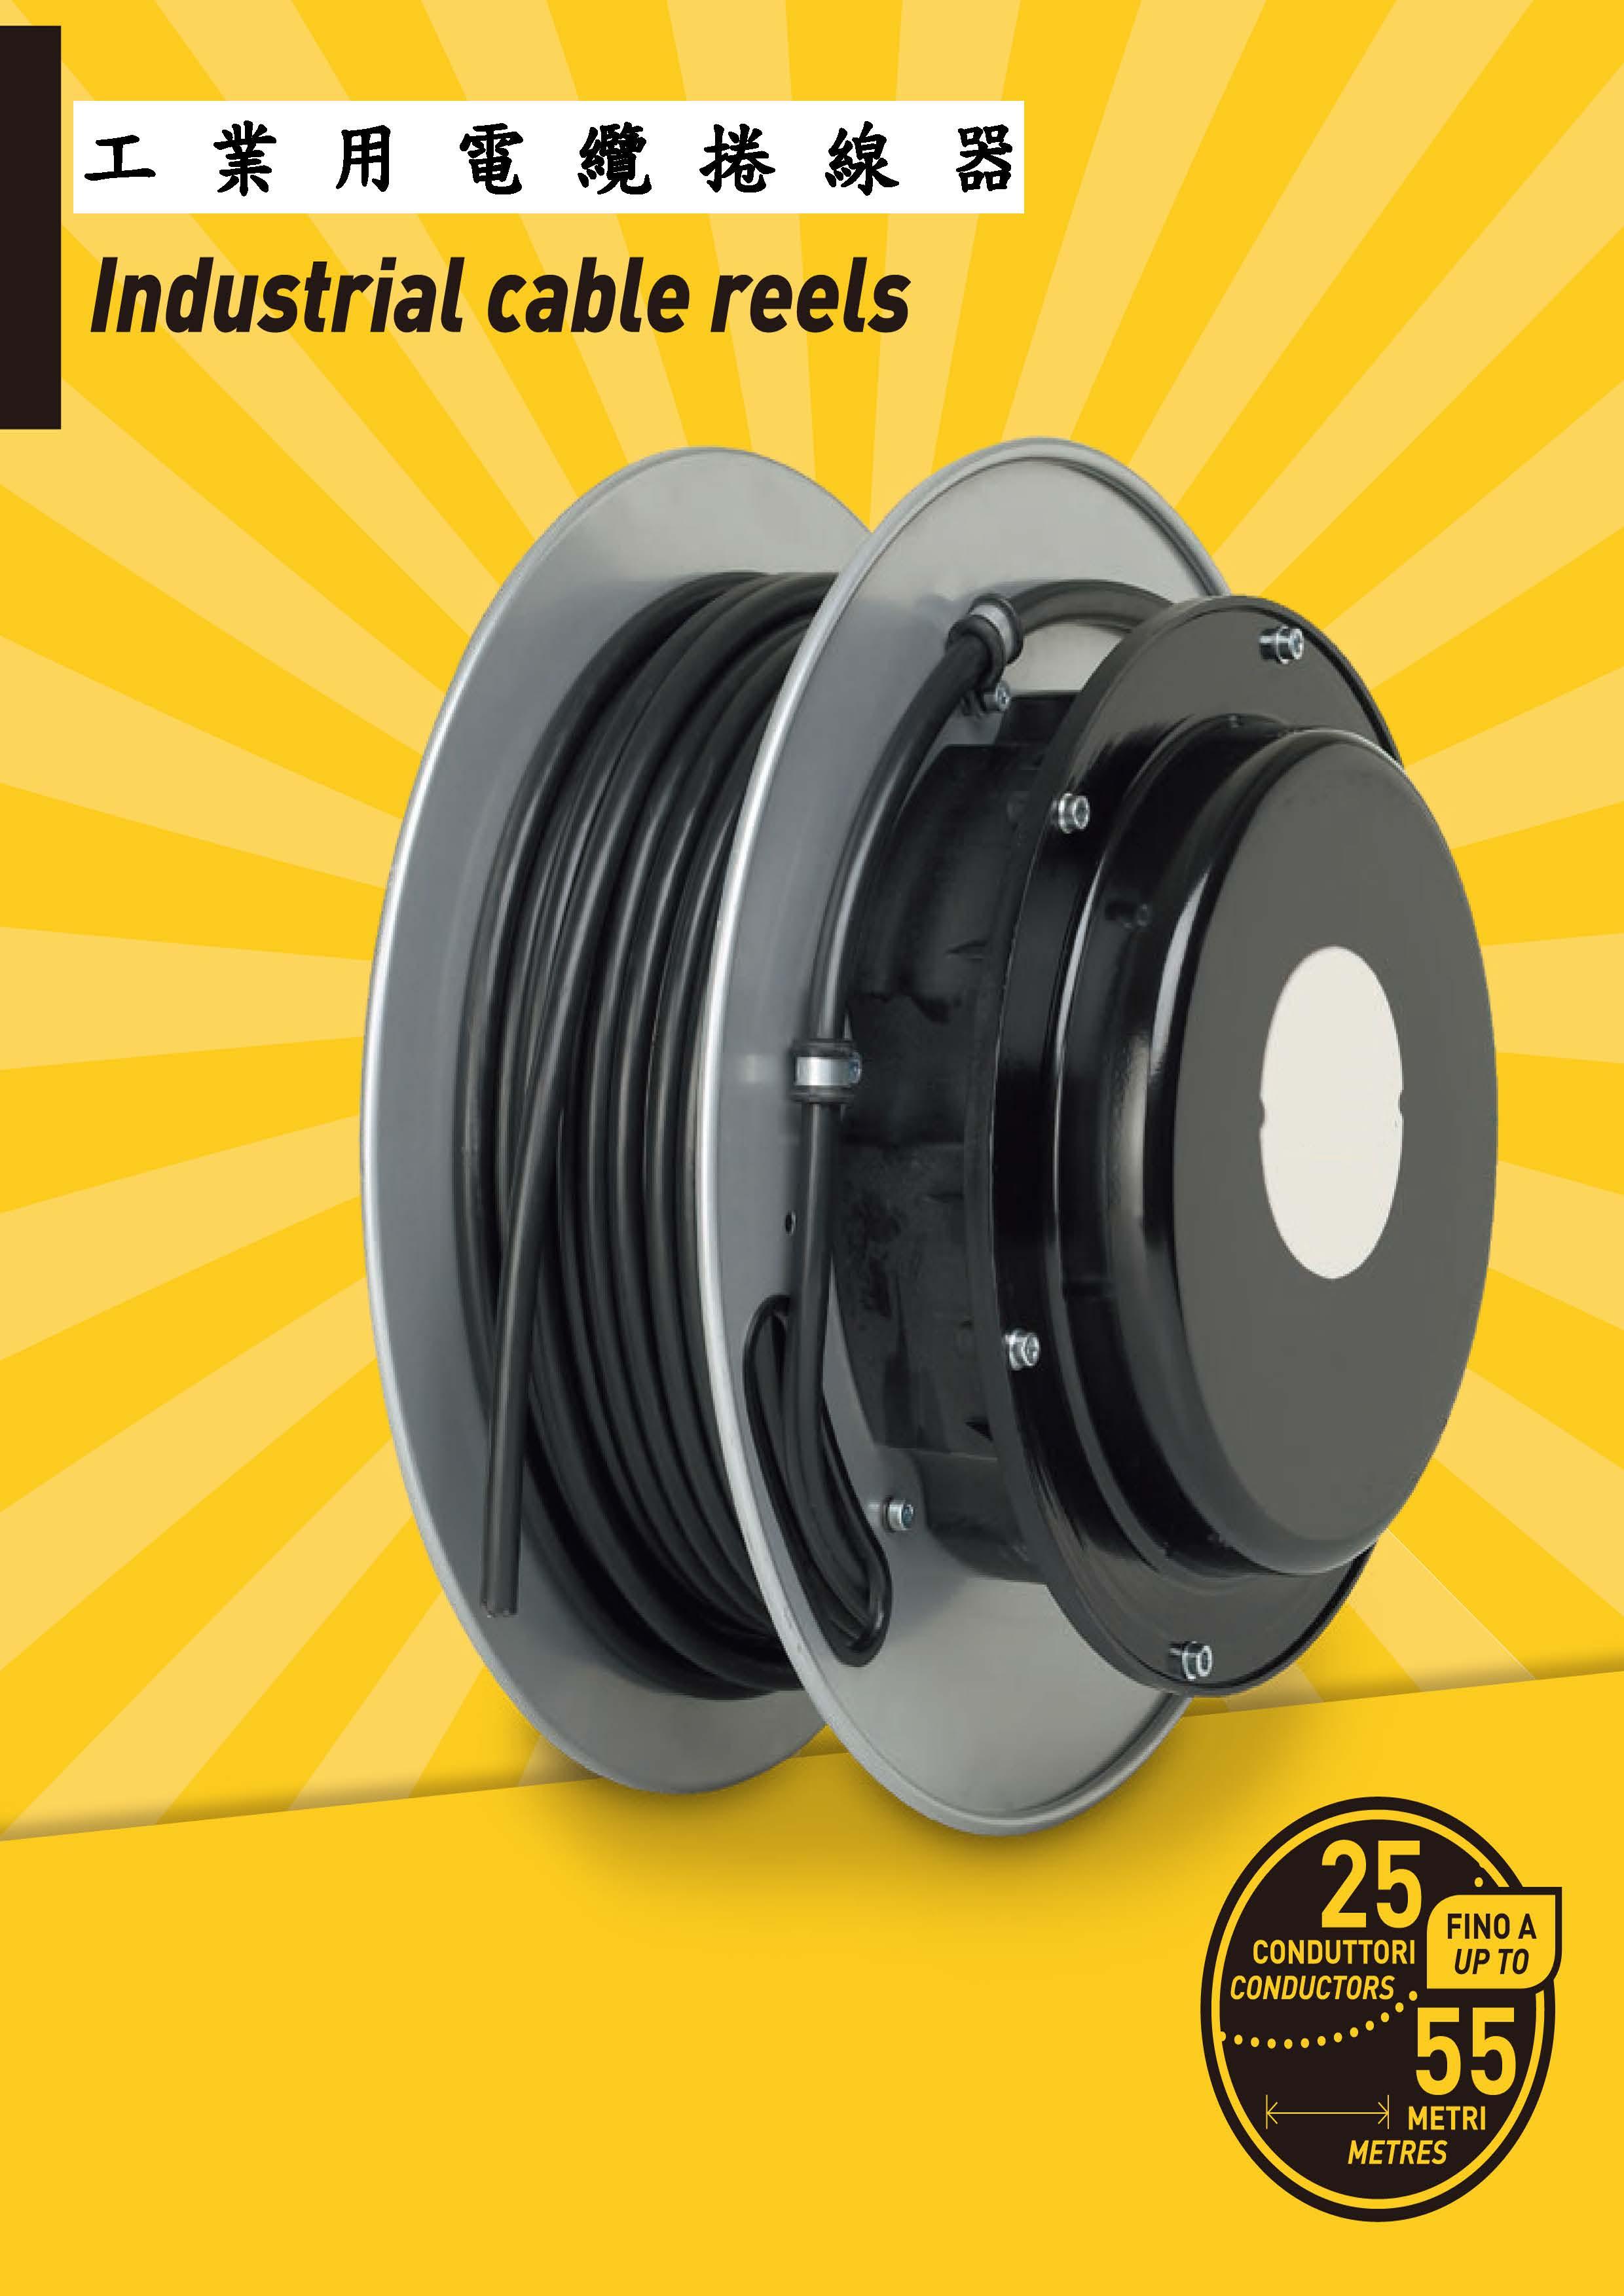 6-1. 工業用電纜捲線器Industrial cable reels